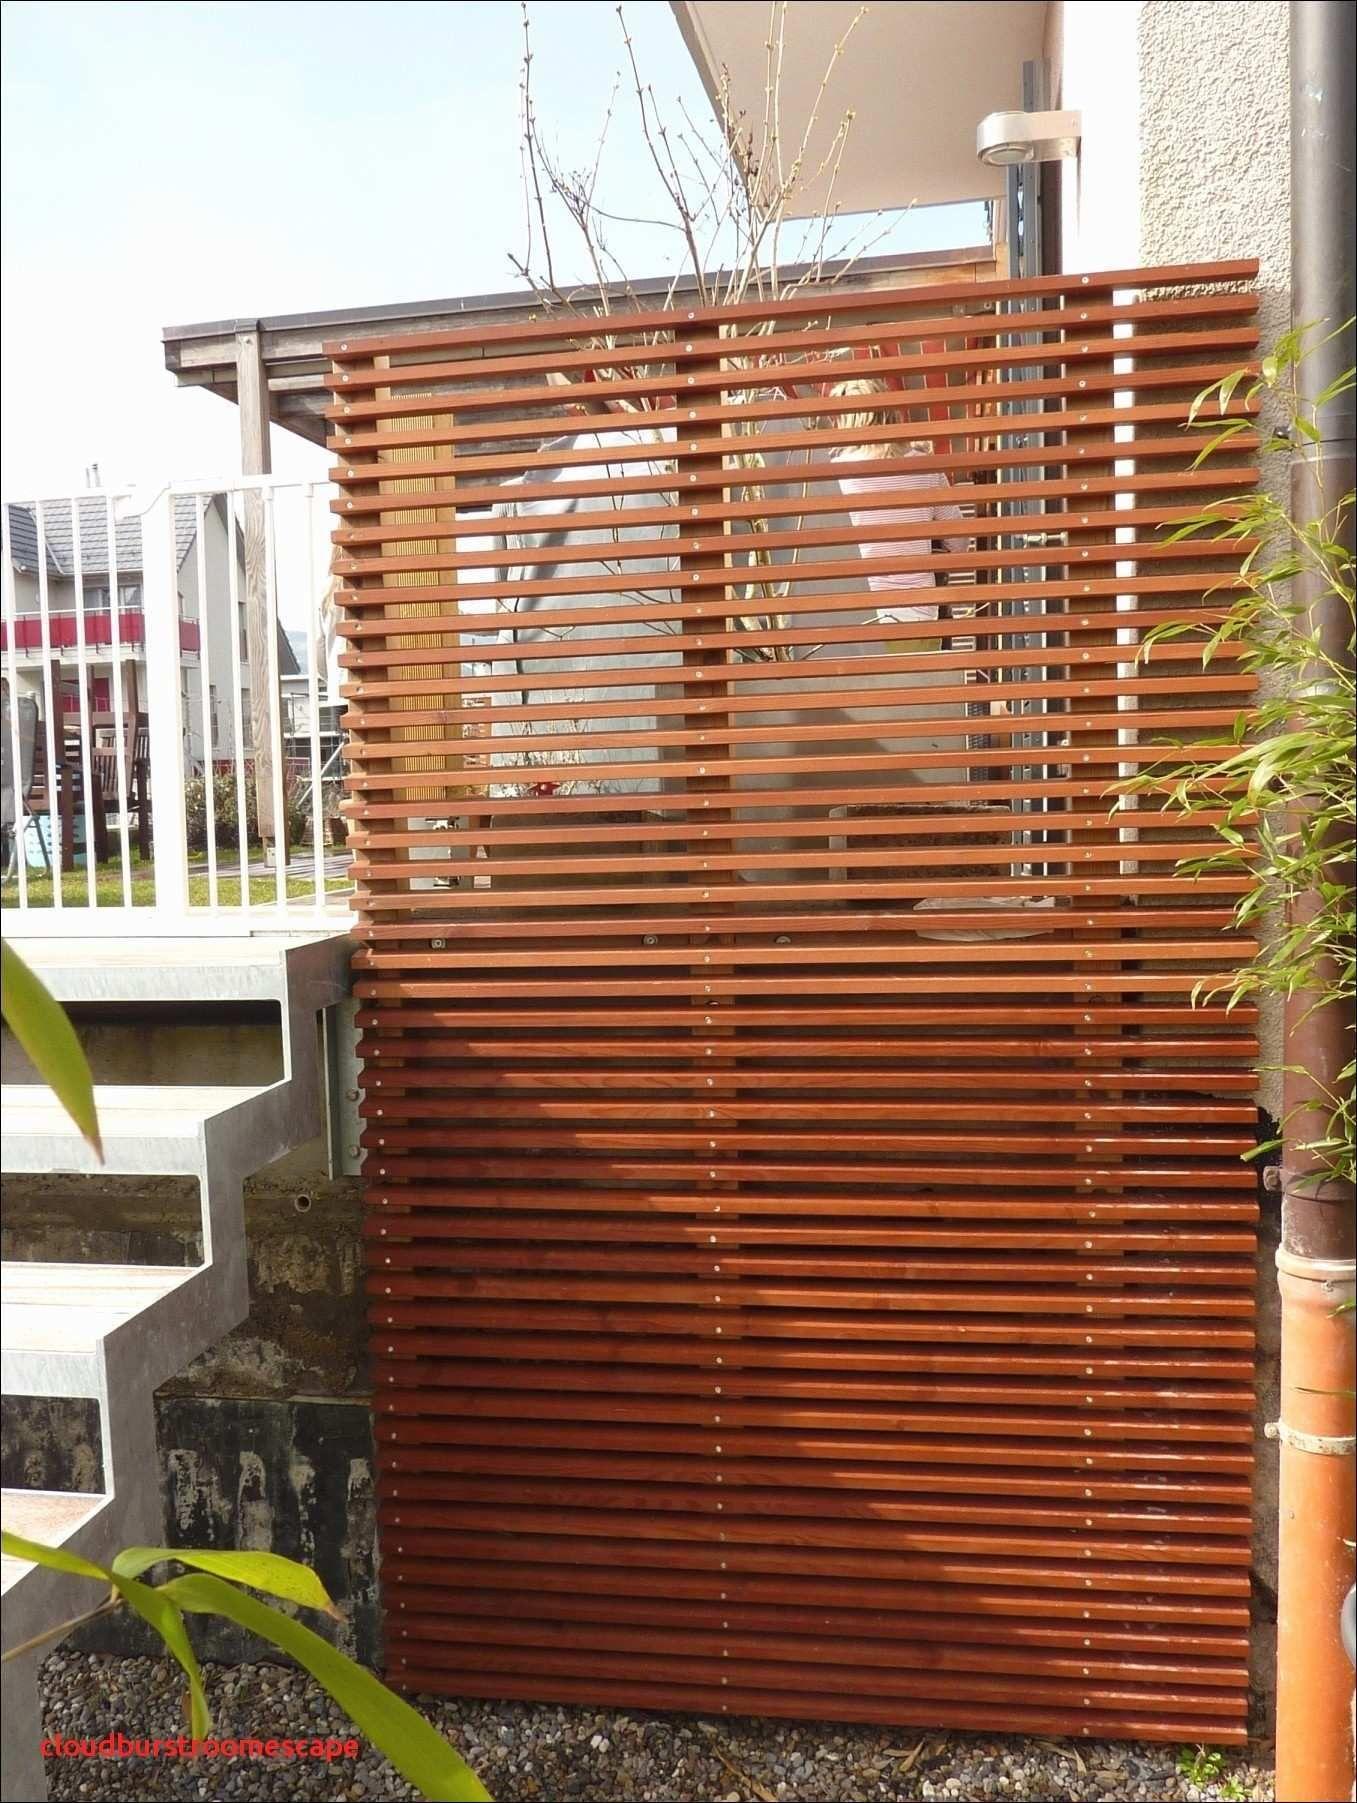 Full Size of Trennwand Balkon Sichtschutz Holz Obi Plexiglas Ohne Bohren Metall Sondereigentum Glas Bild Von Natascha Schwanke In 2020 Garten Glastrennwand Dusche Wohnzimmer Trennwand Balkon